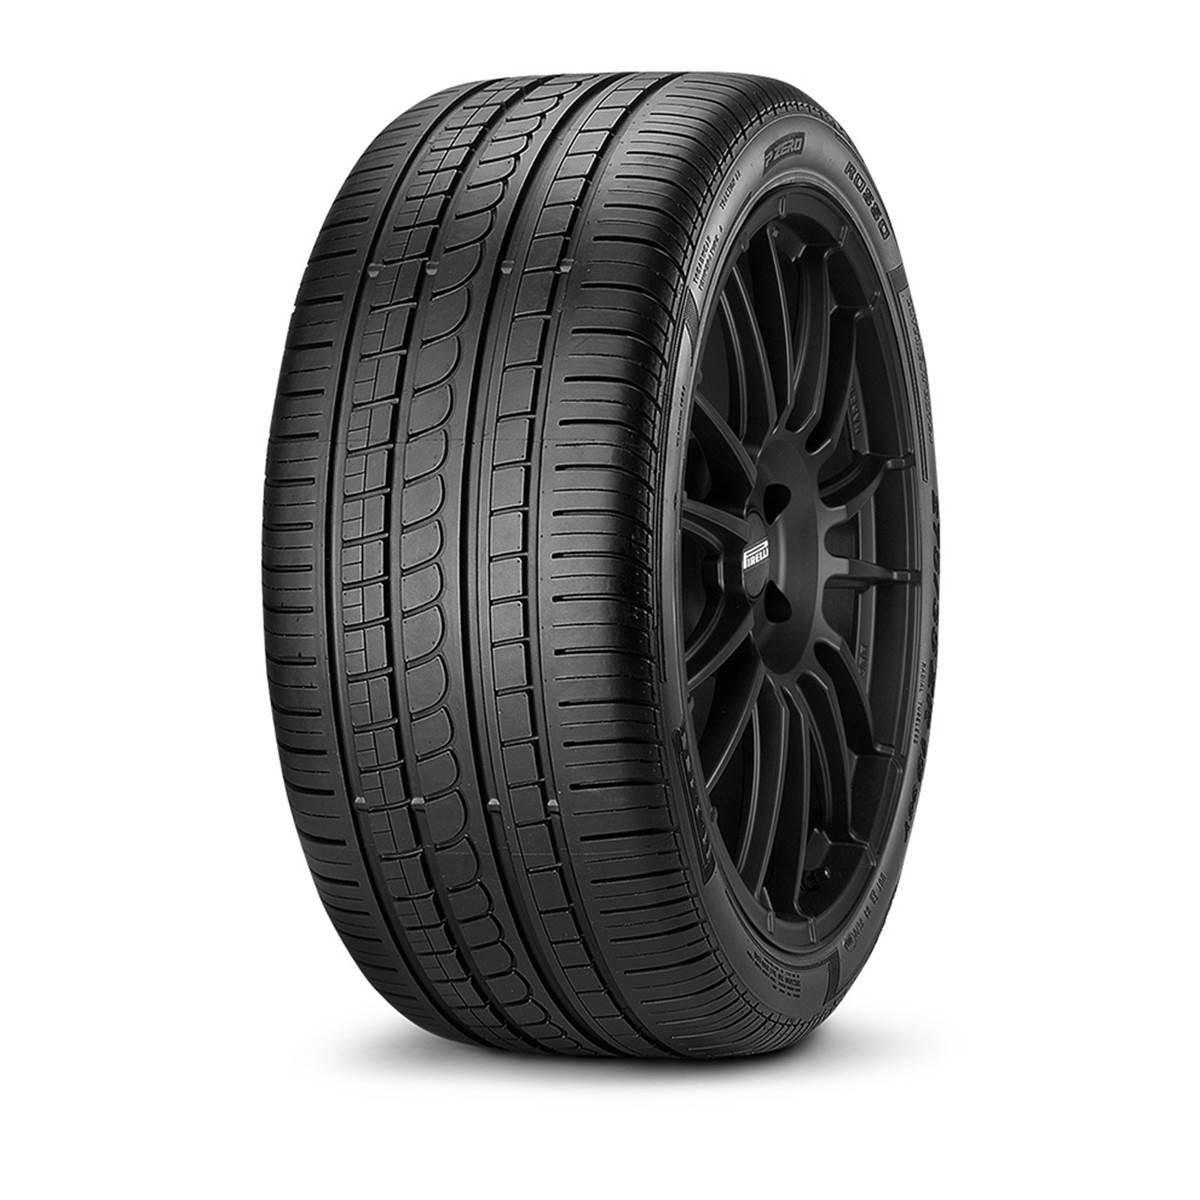 Pneu Pirelli 195/45R16 84W Pzero Nero (Gt) XL